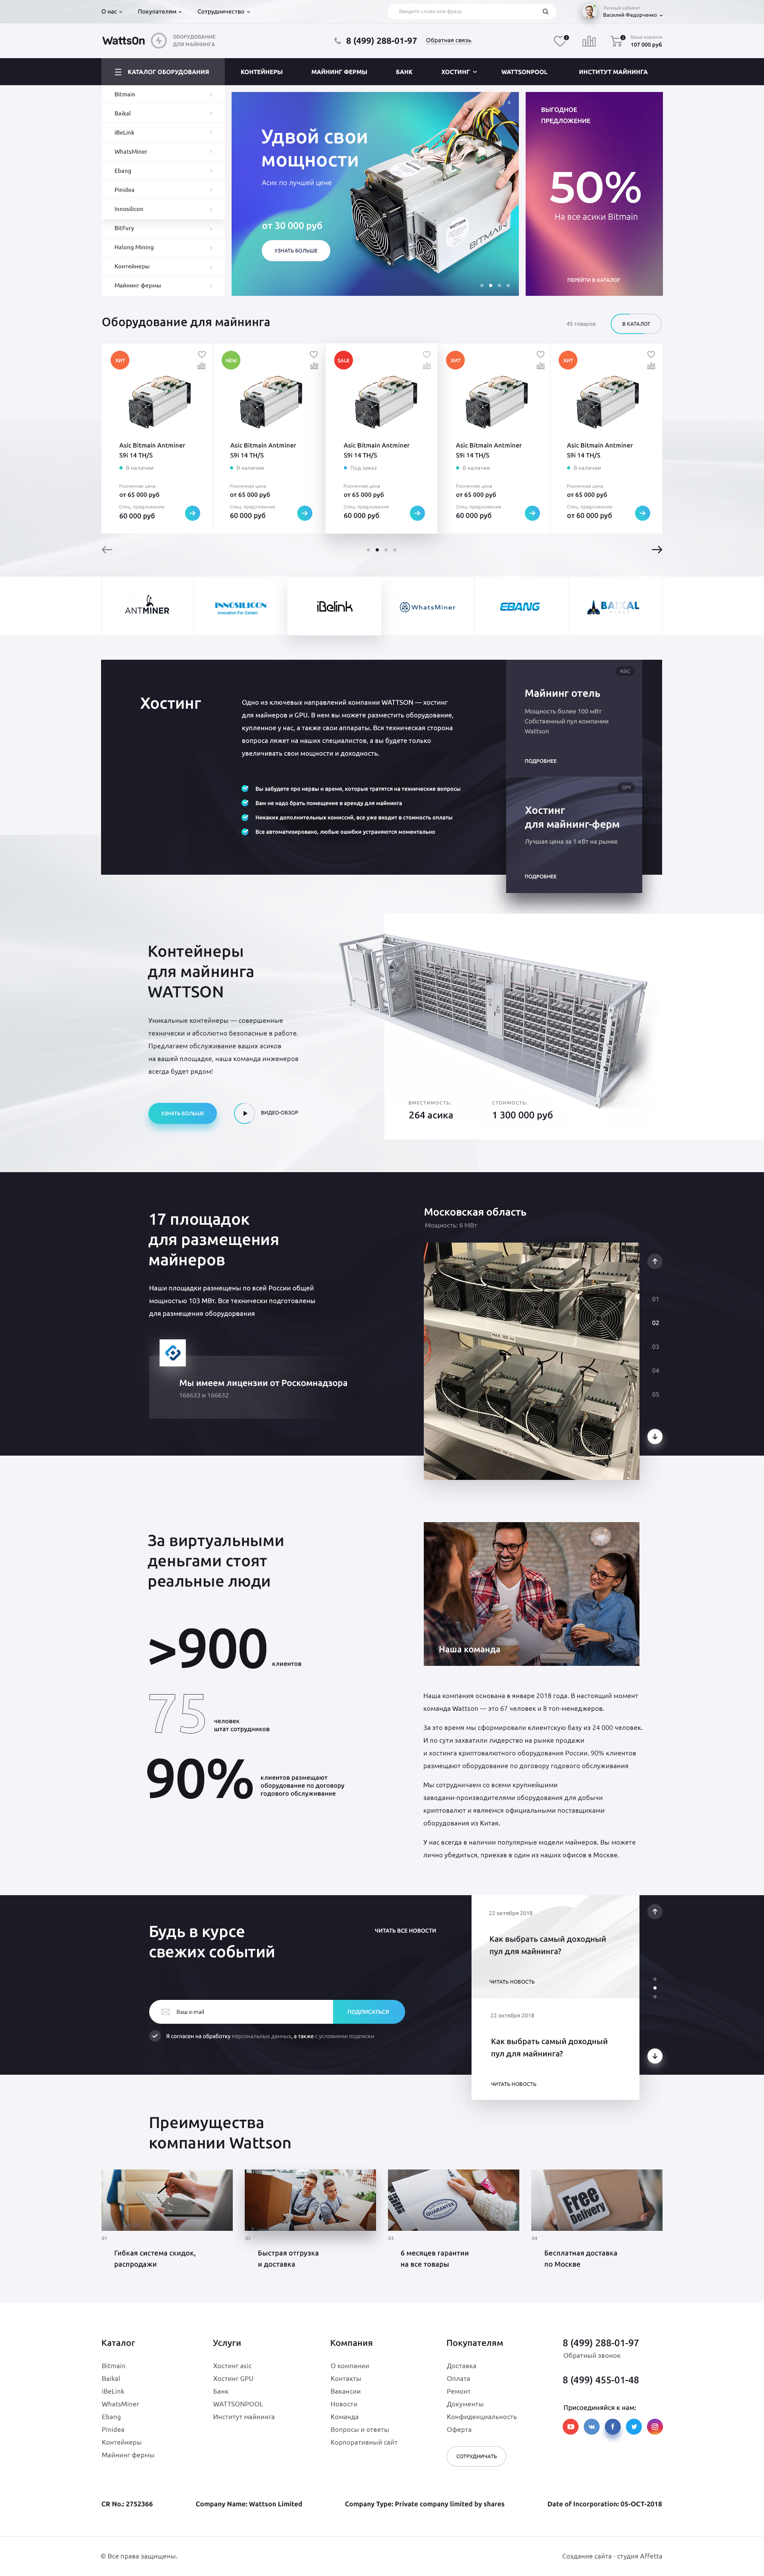 Интернет-магазин компании WattsON, крупнейшего игрока на рынке майнинга в России